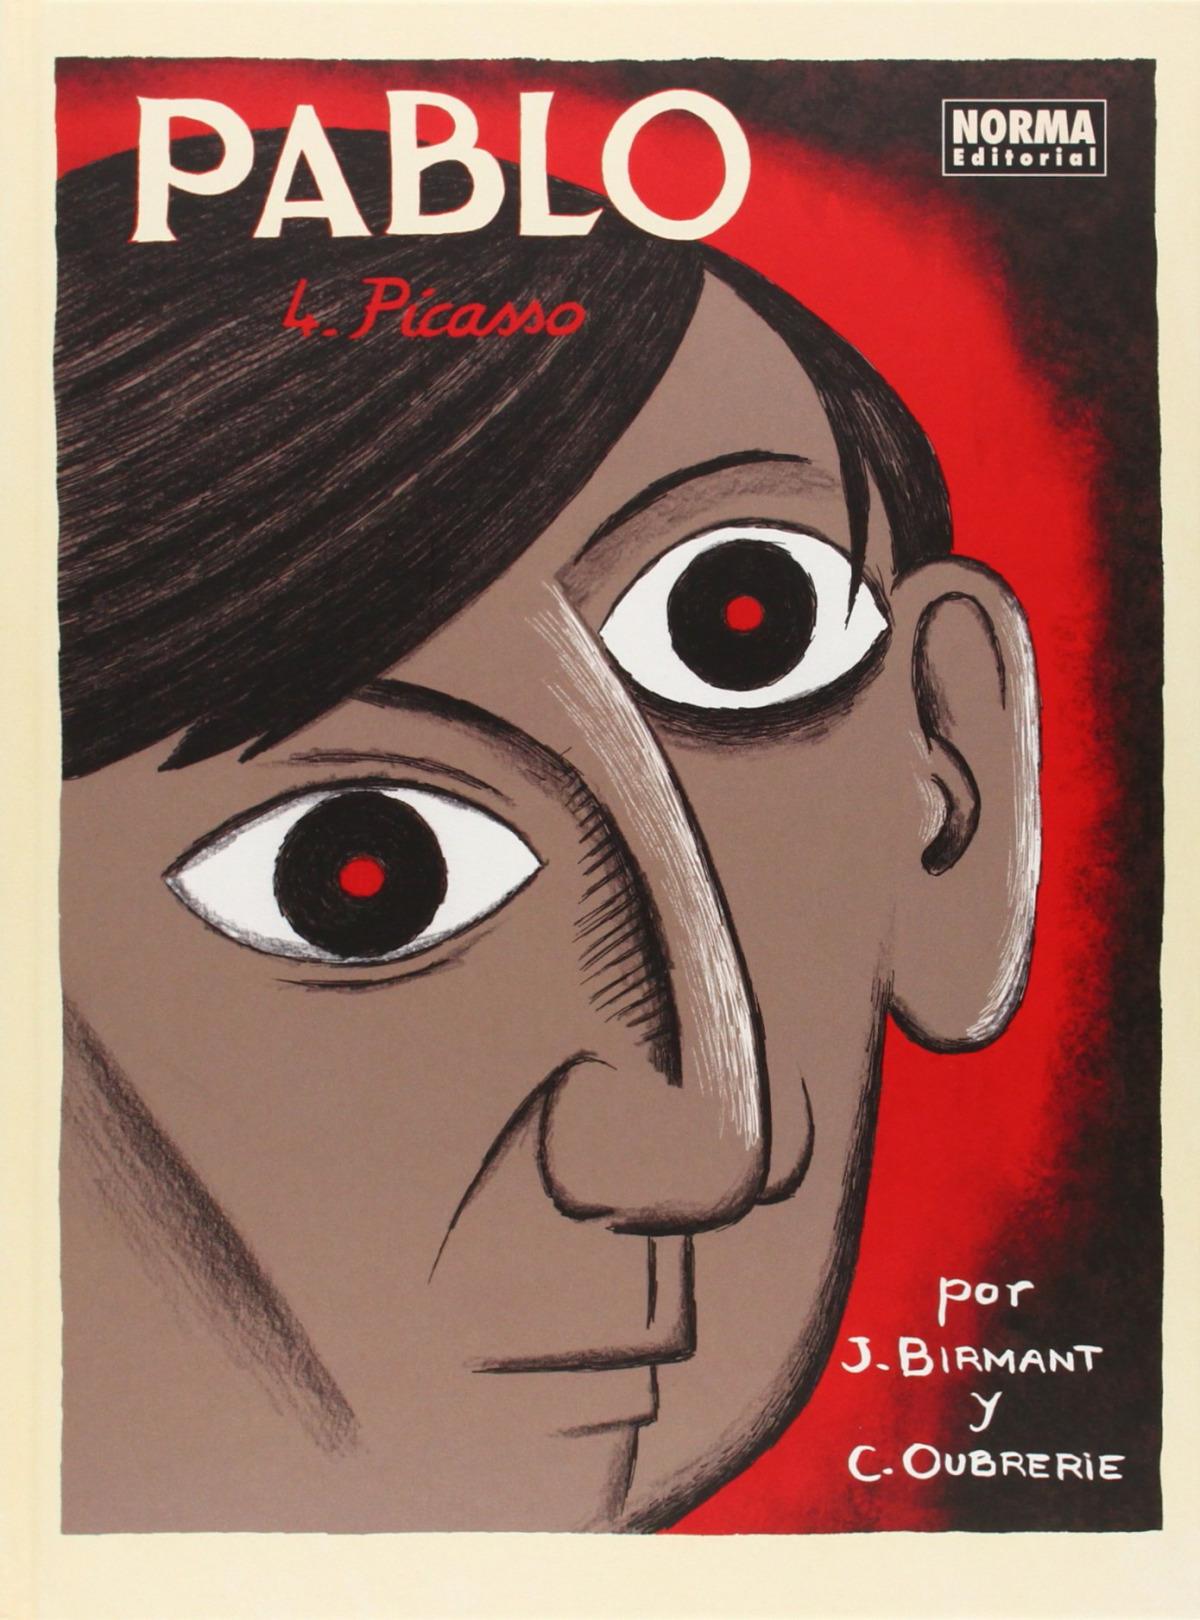 Pablo, 4 Picasso